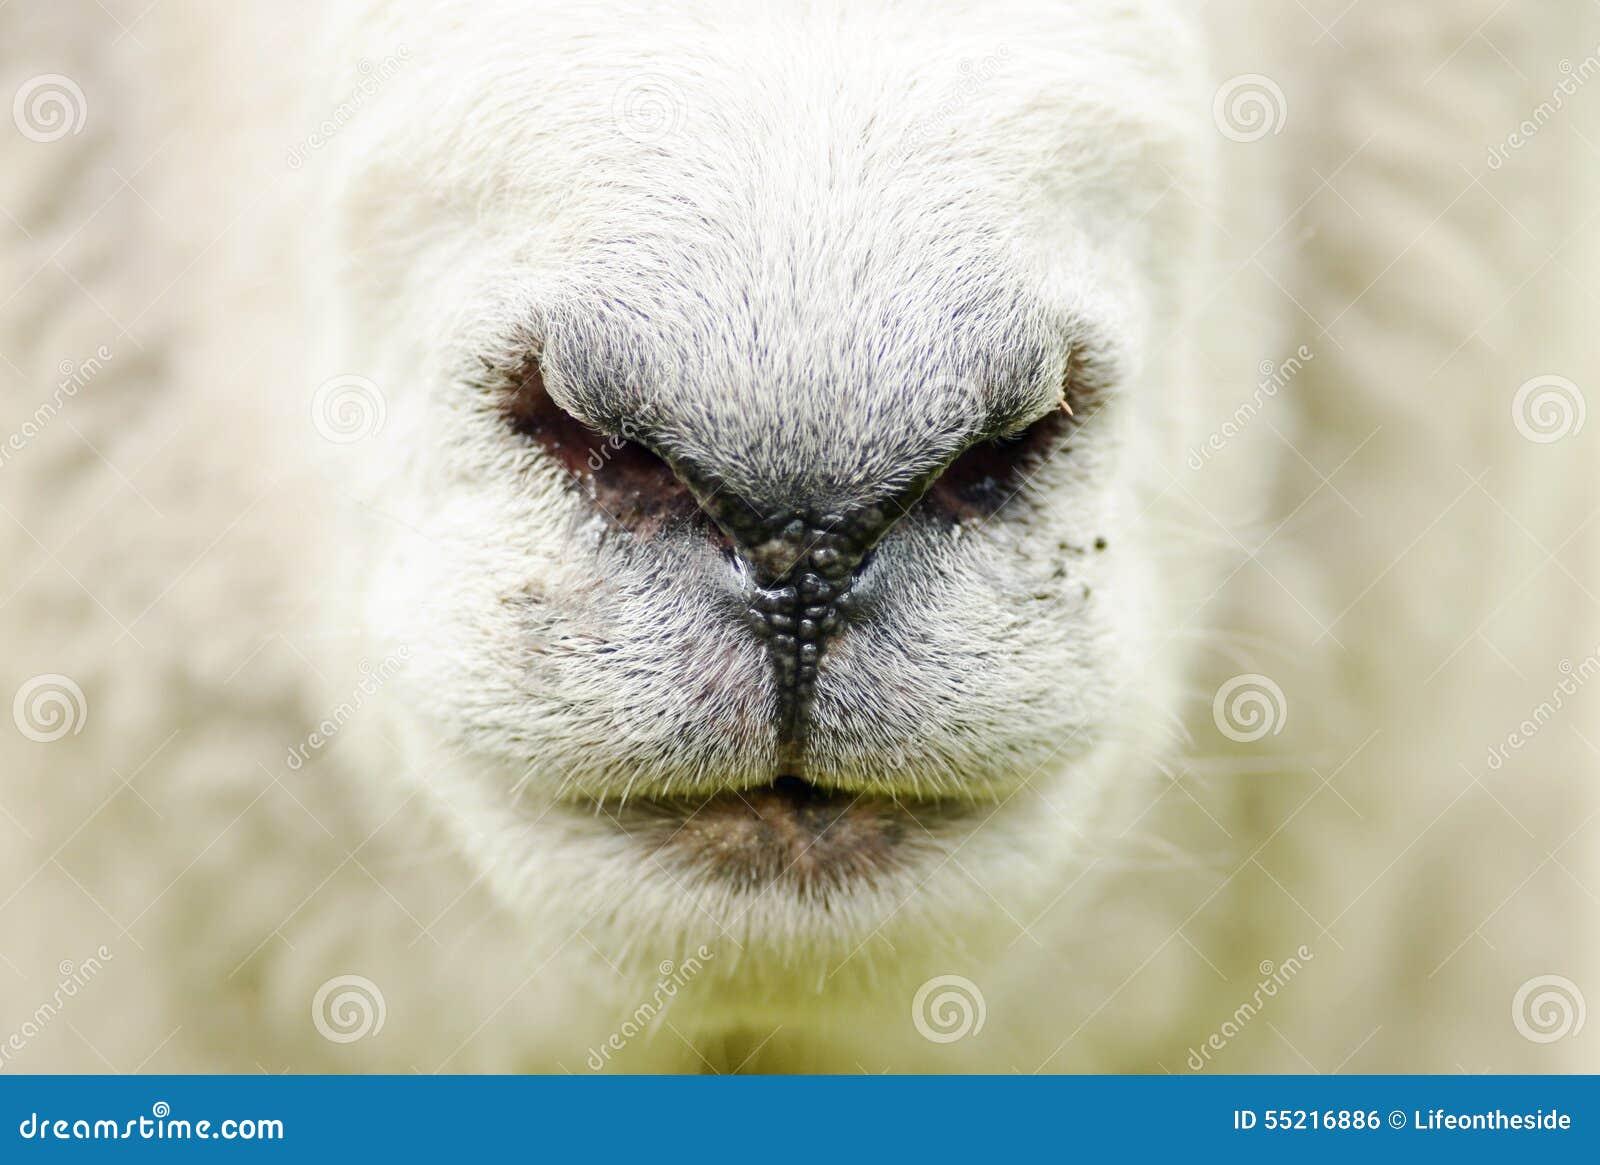 De abstracte van het de close-upgezicht van landbouwbedrijfschapen achtergrond van de de neusmond